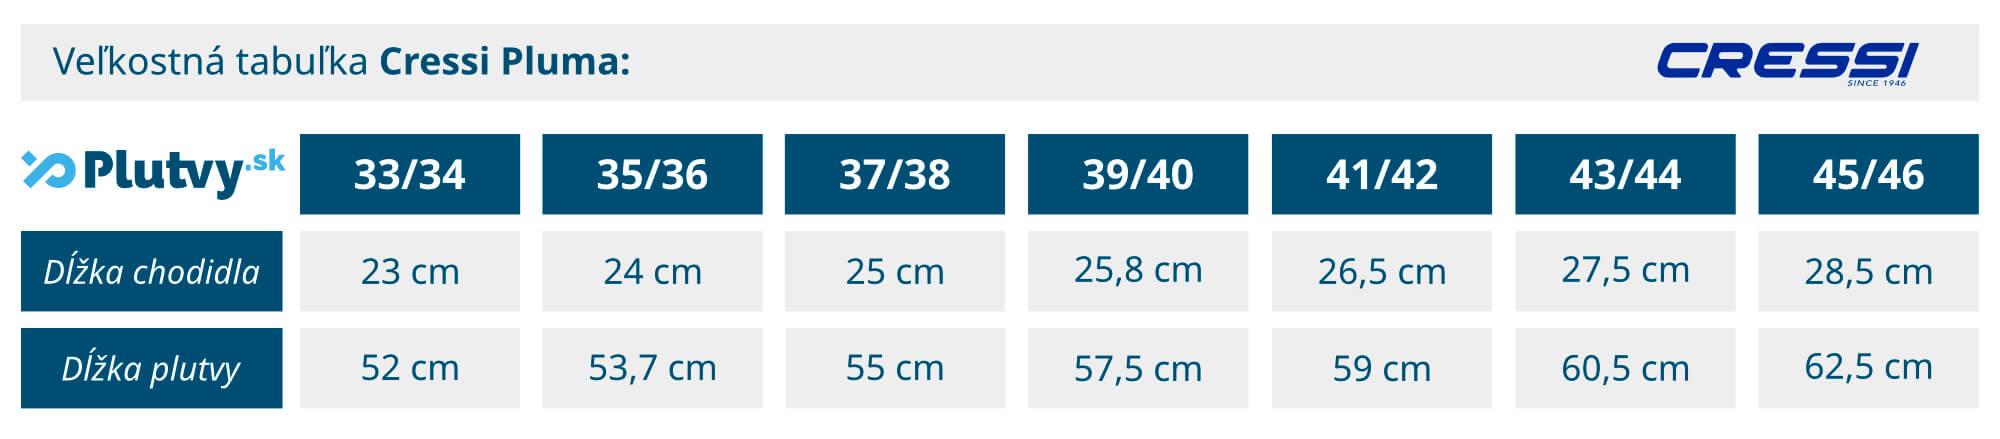 Tabuľka veľkosti pre plutvy Cressi Pluma na šnorchlovanie a rekreačné potápanie od Plutvy.sk